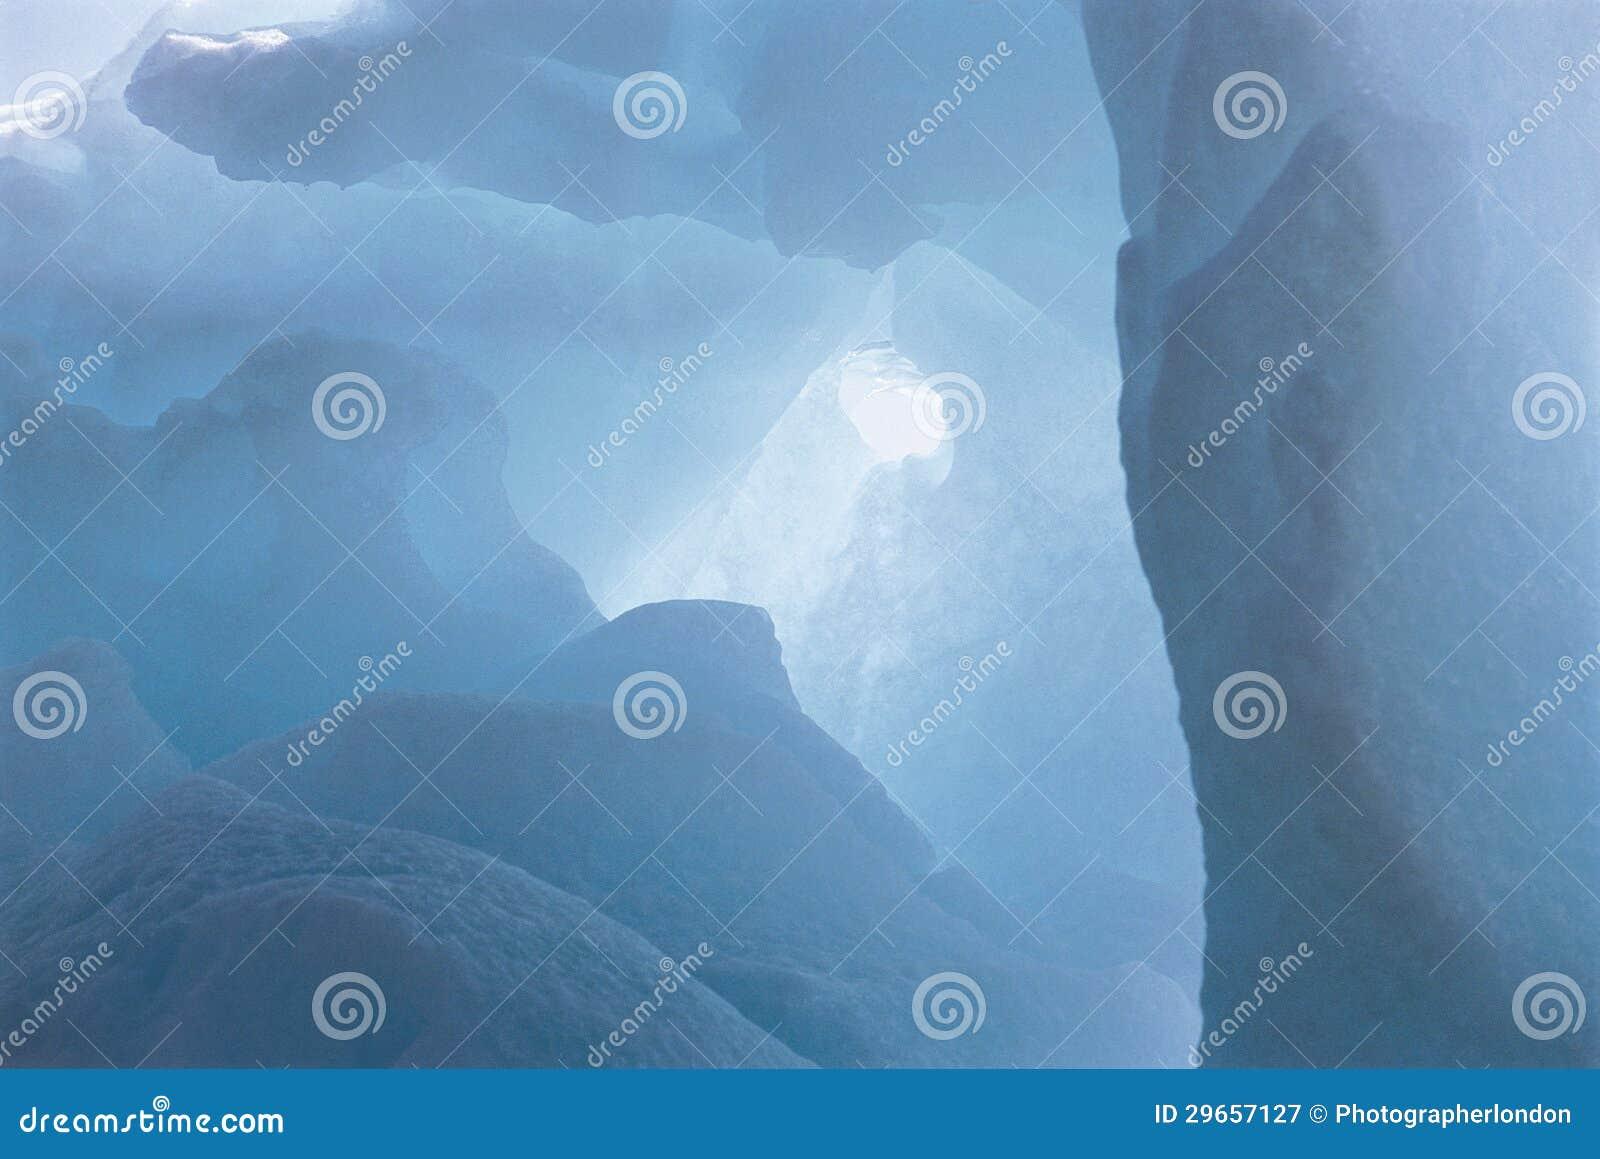 Cueva en hielo